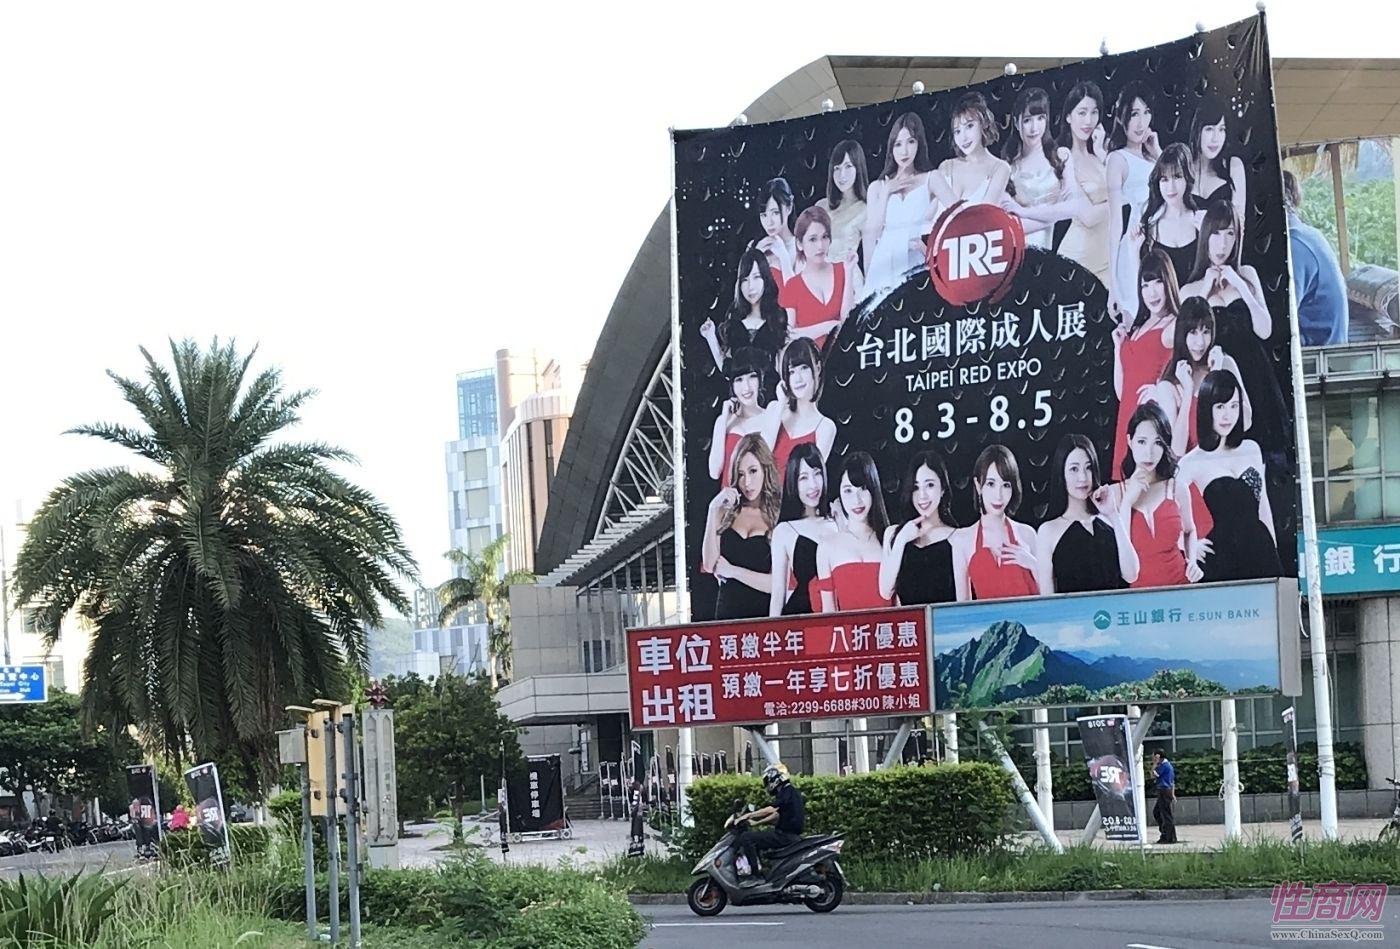 台北国际成人展精彩集锦02